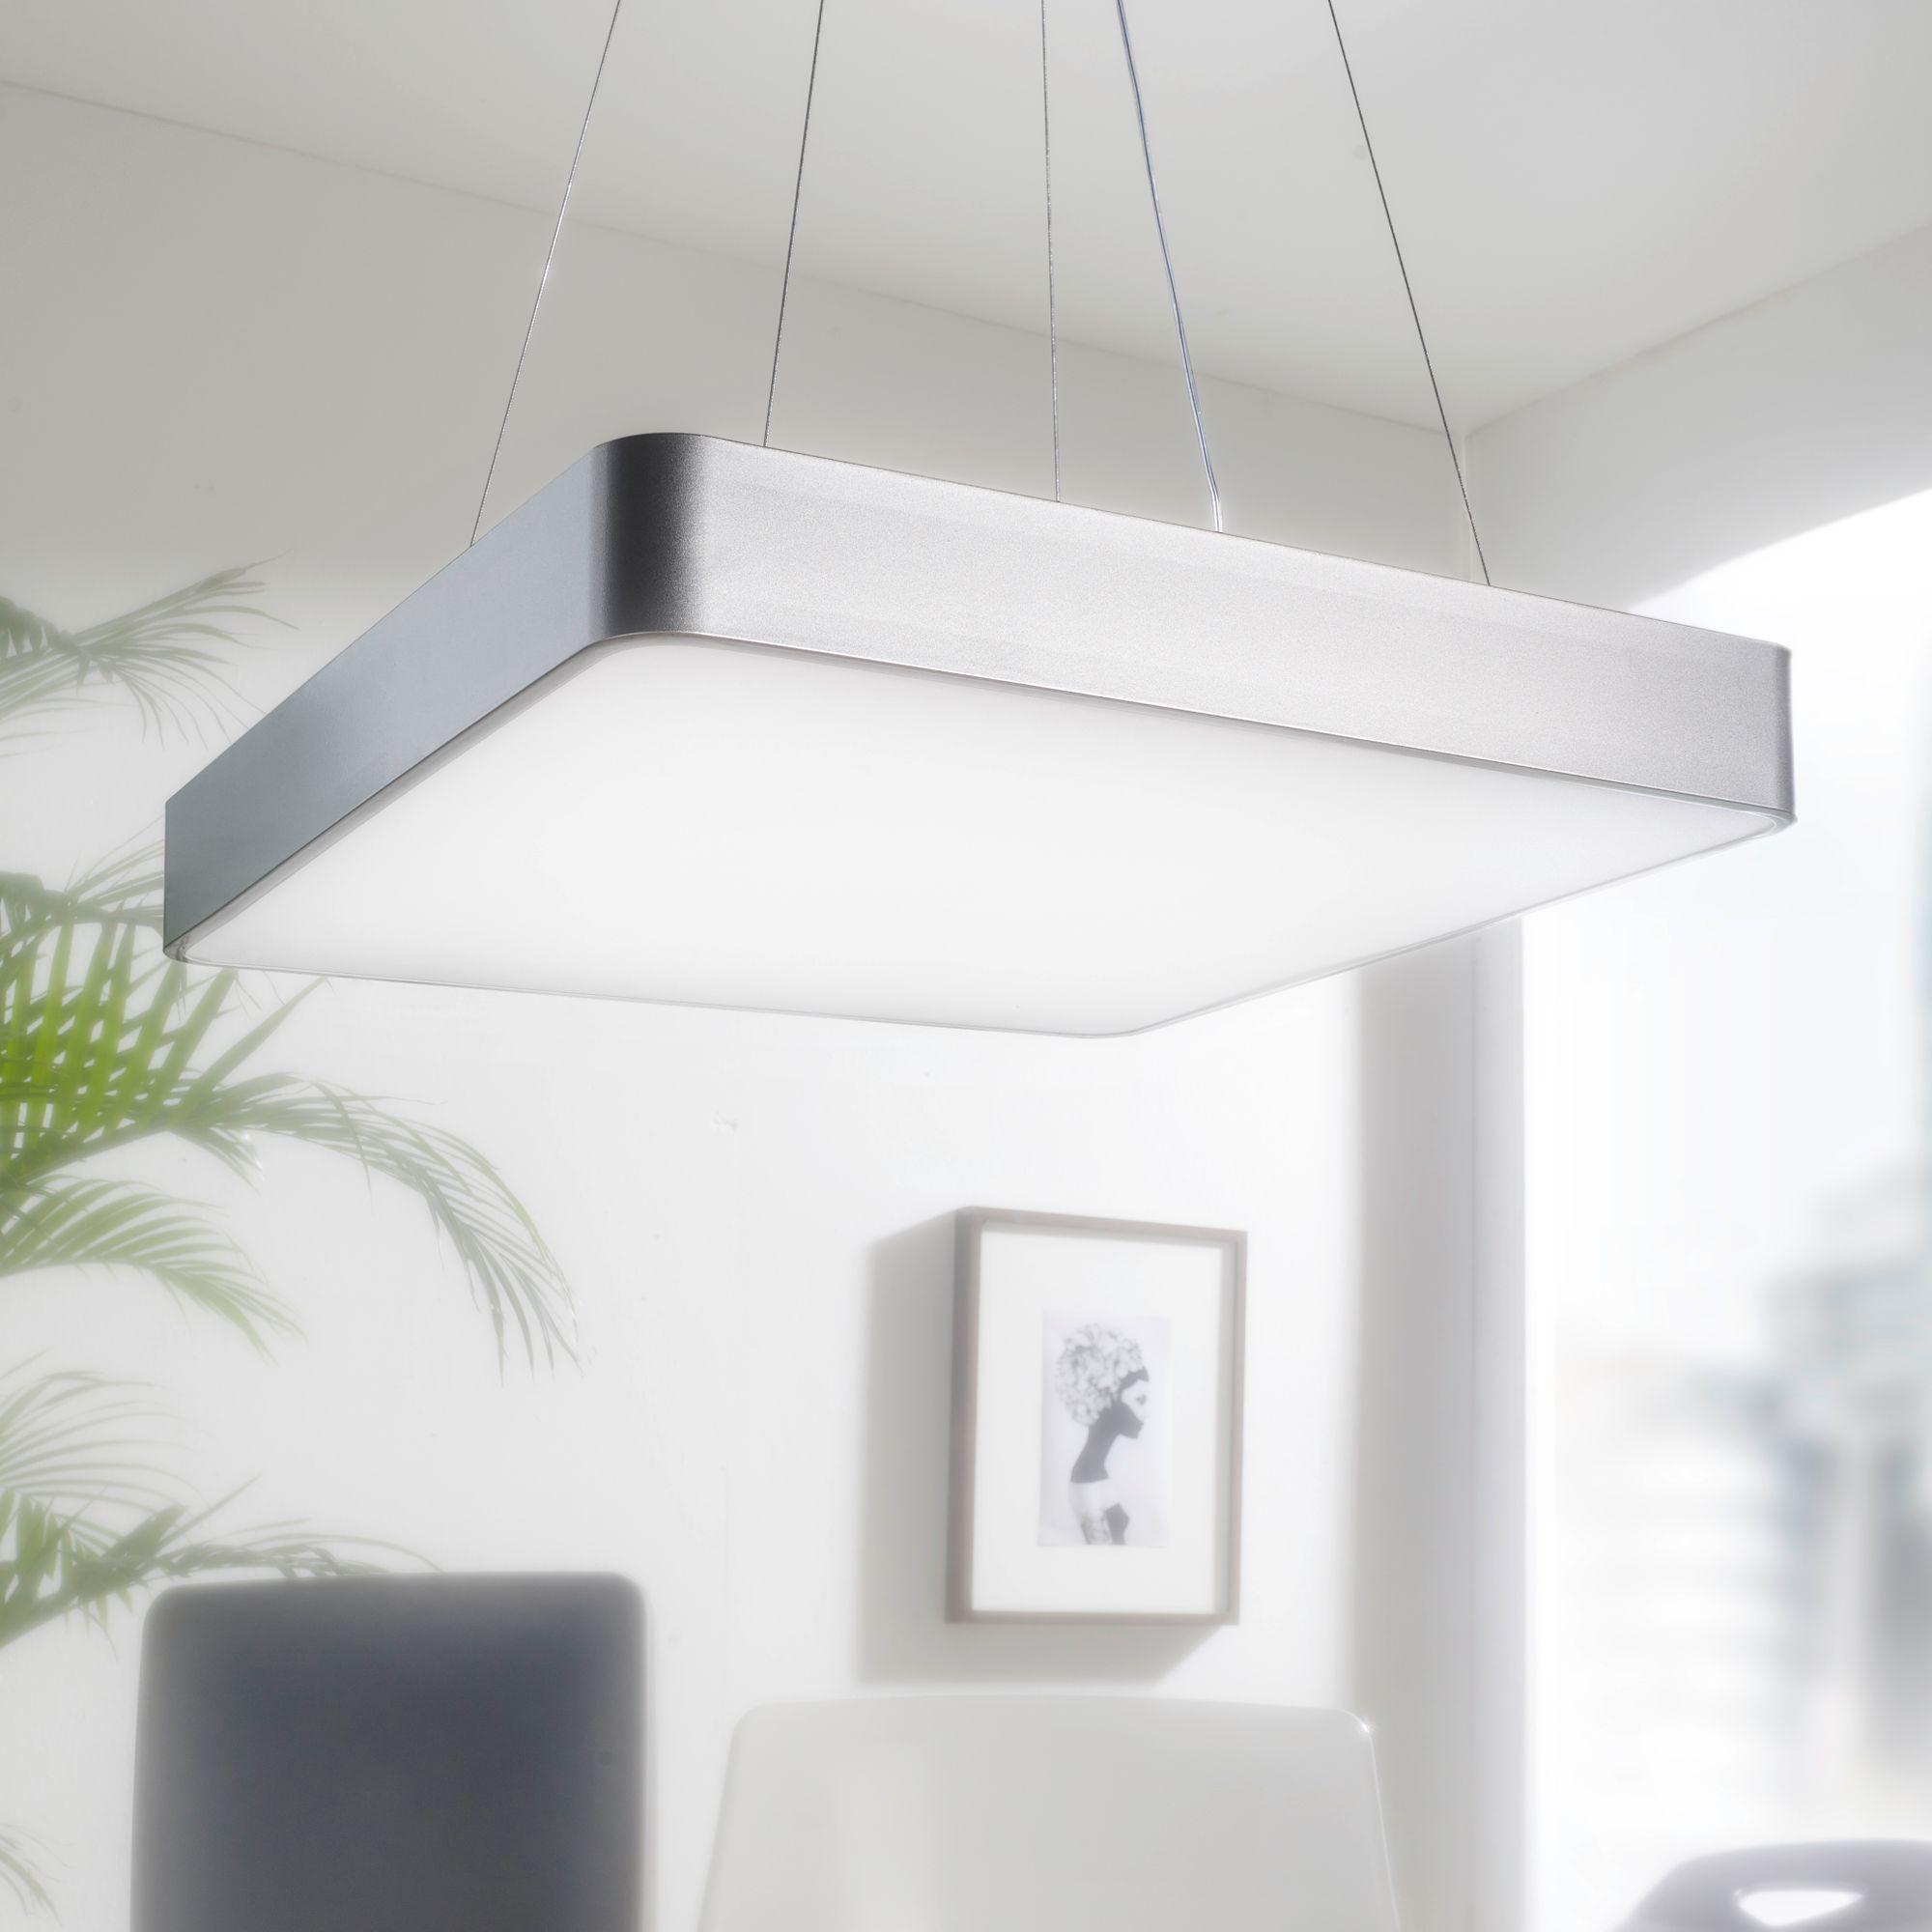 LED závěsné svítidlo Square, 60 cm, stříbrná